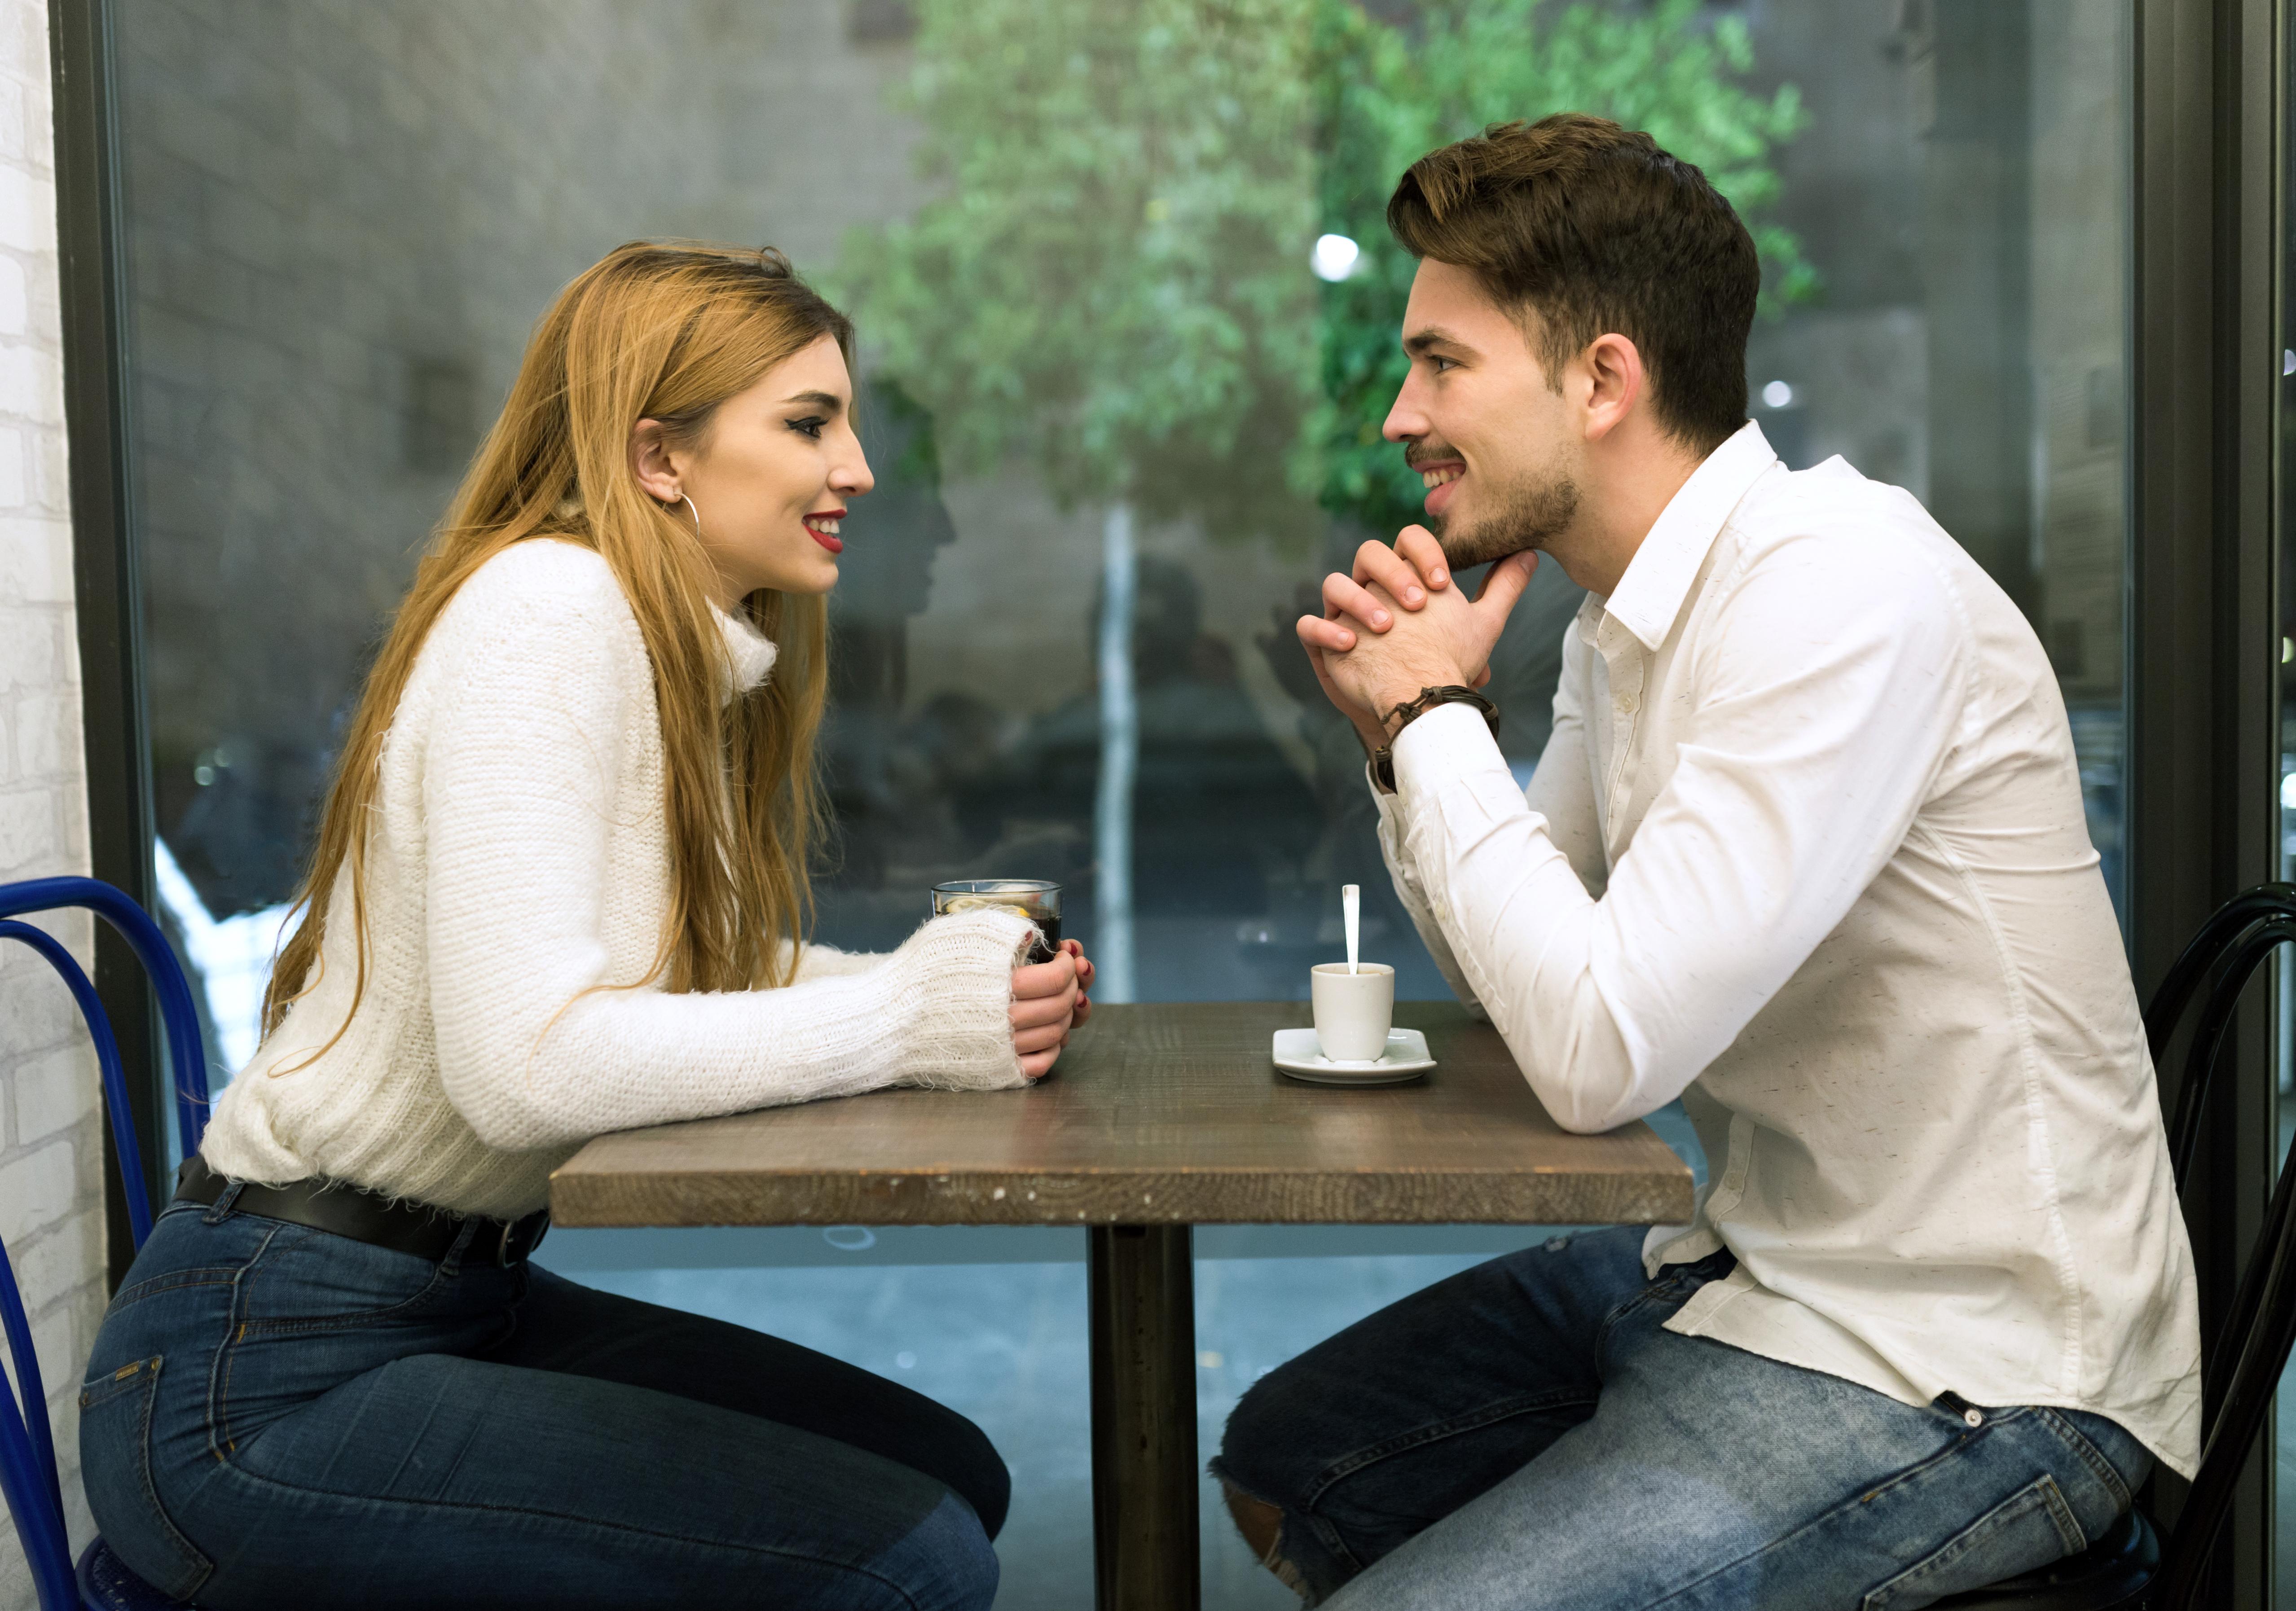 randíš s někým významem?